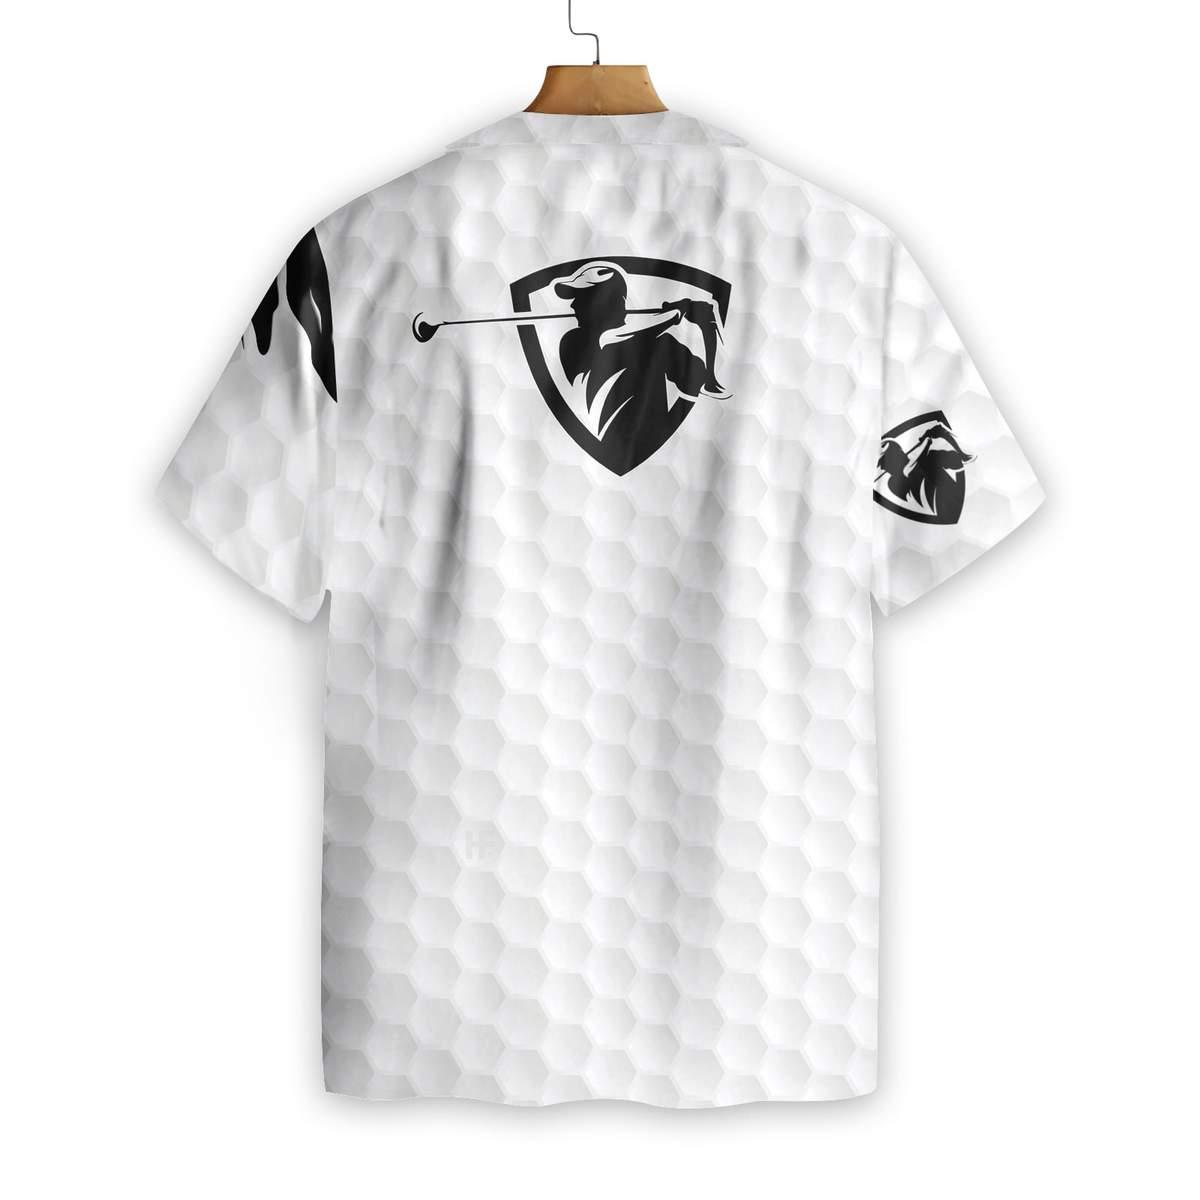 The Golf Skull Hawaiian Shirt1 2